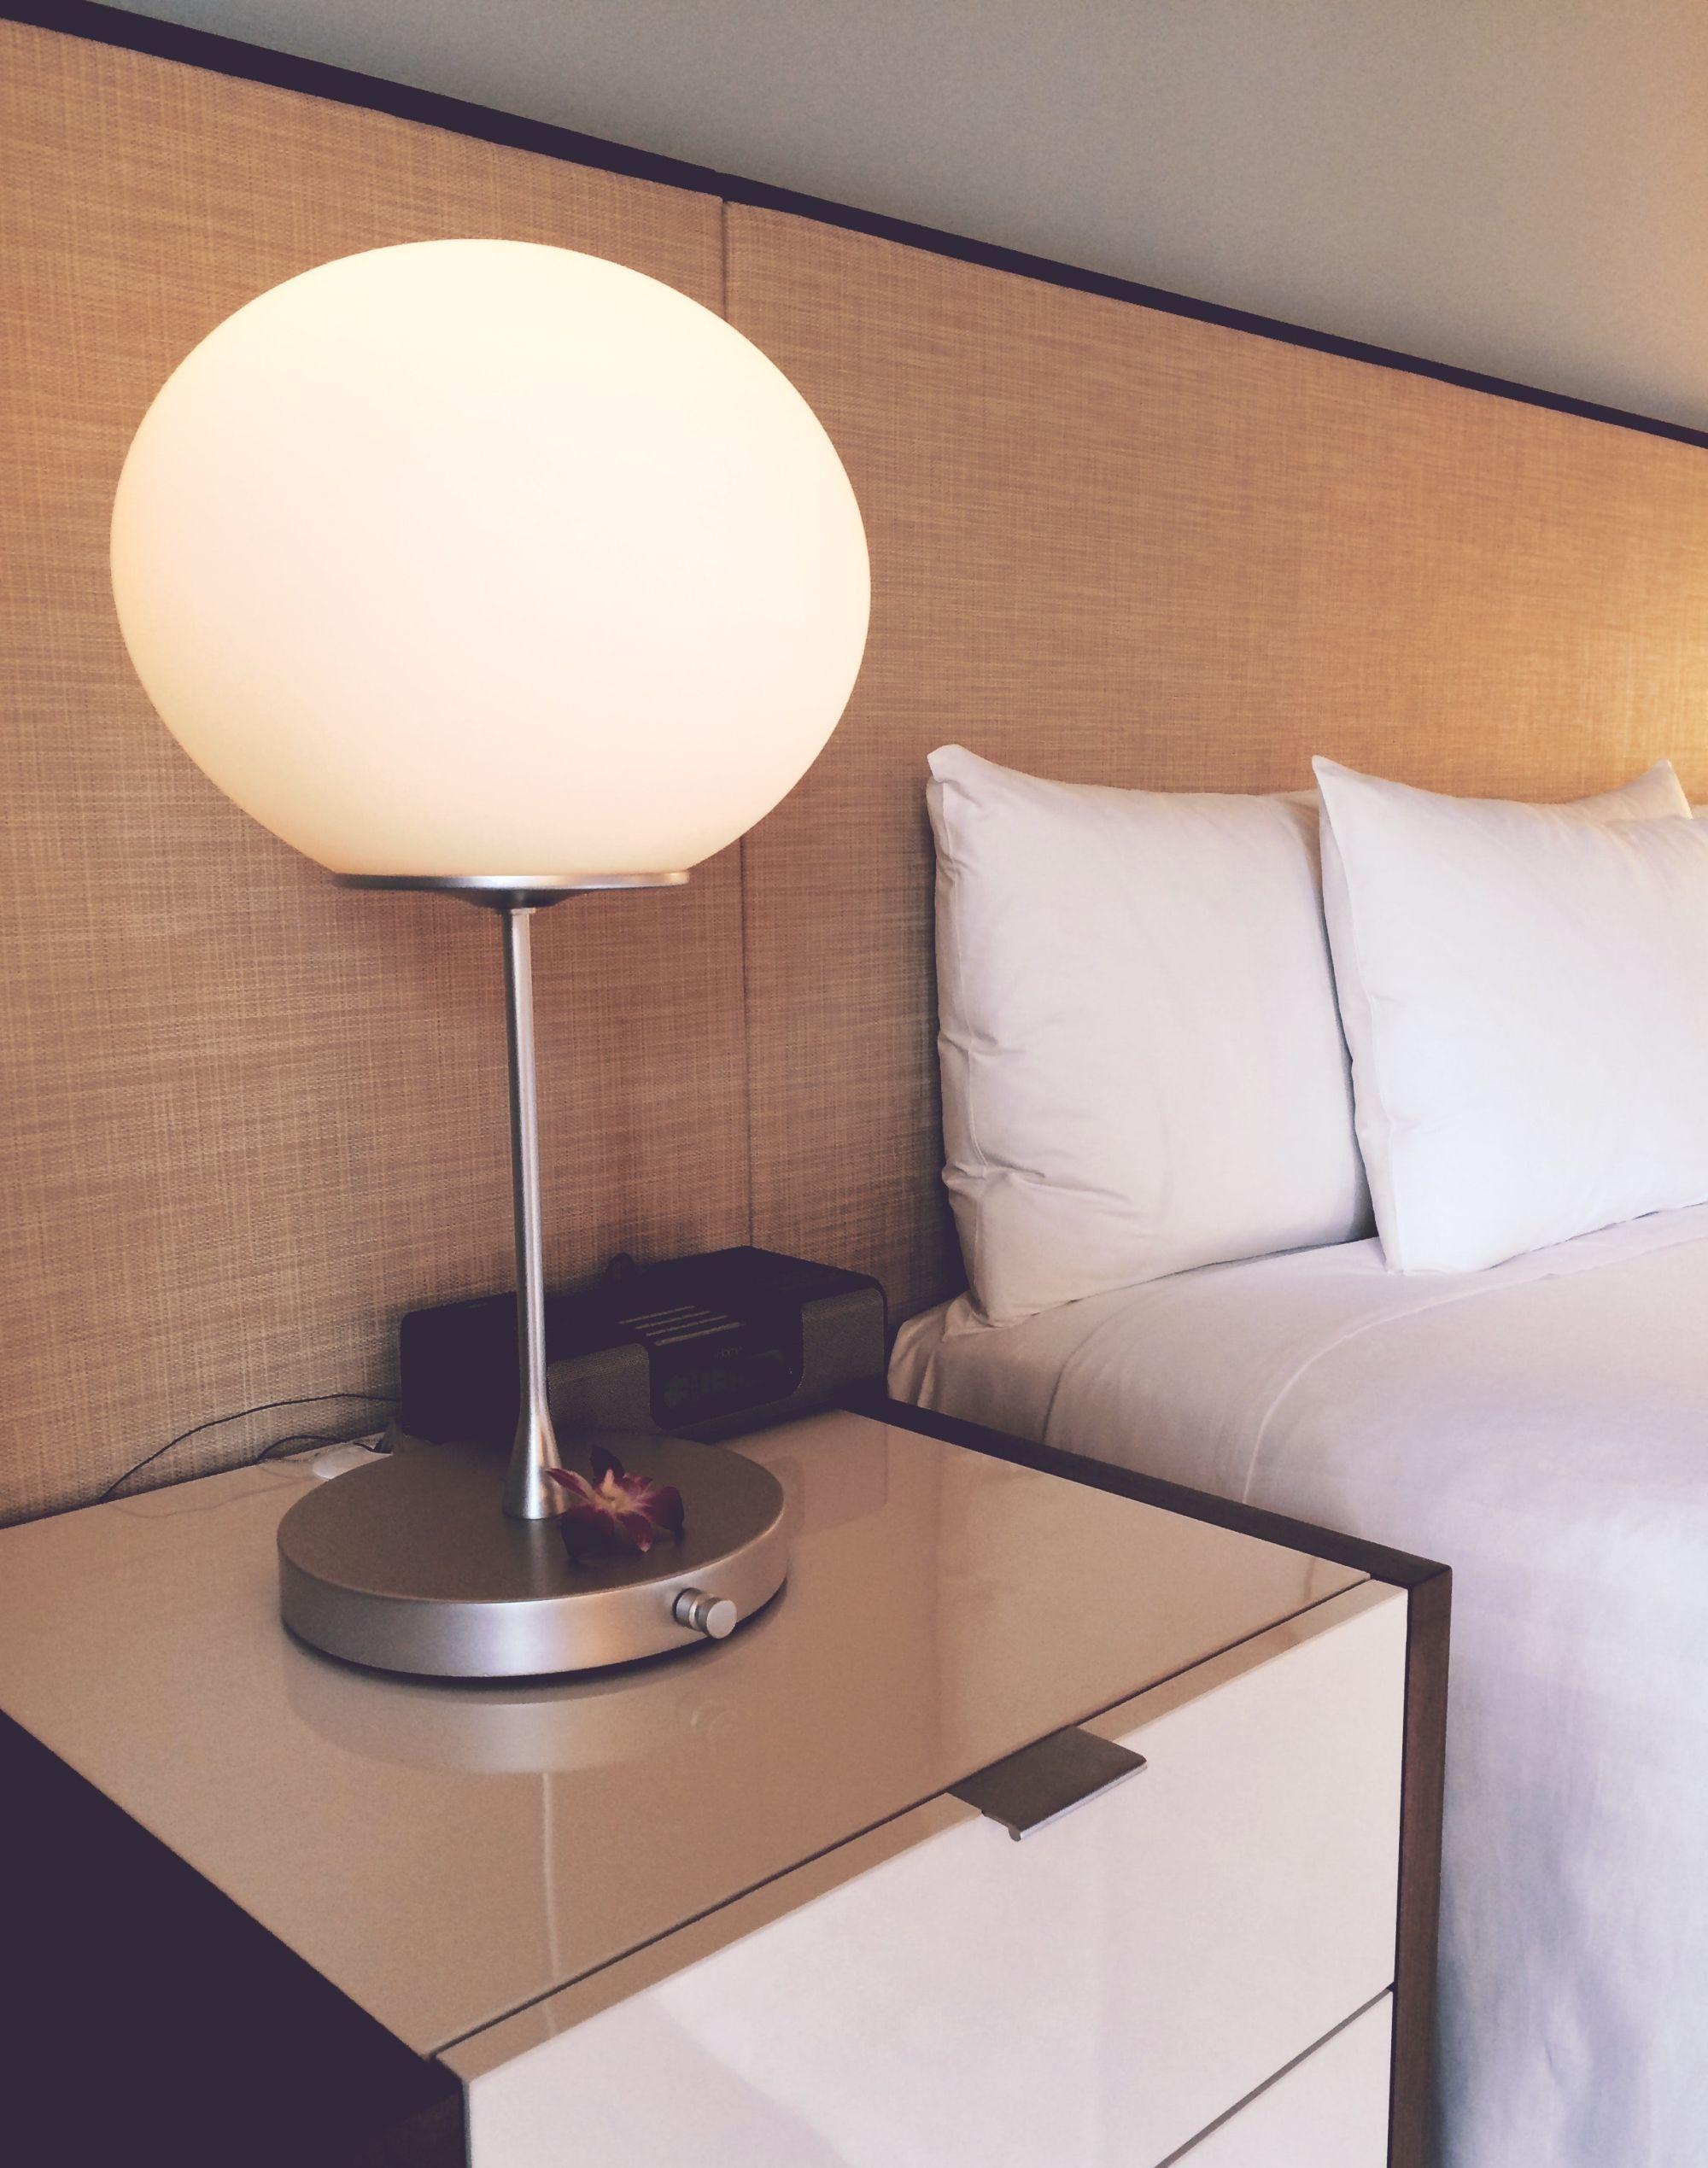 Pościel hotelowa wizytówką hotelu